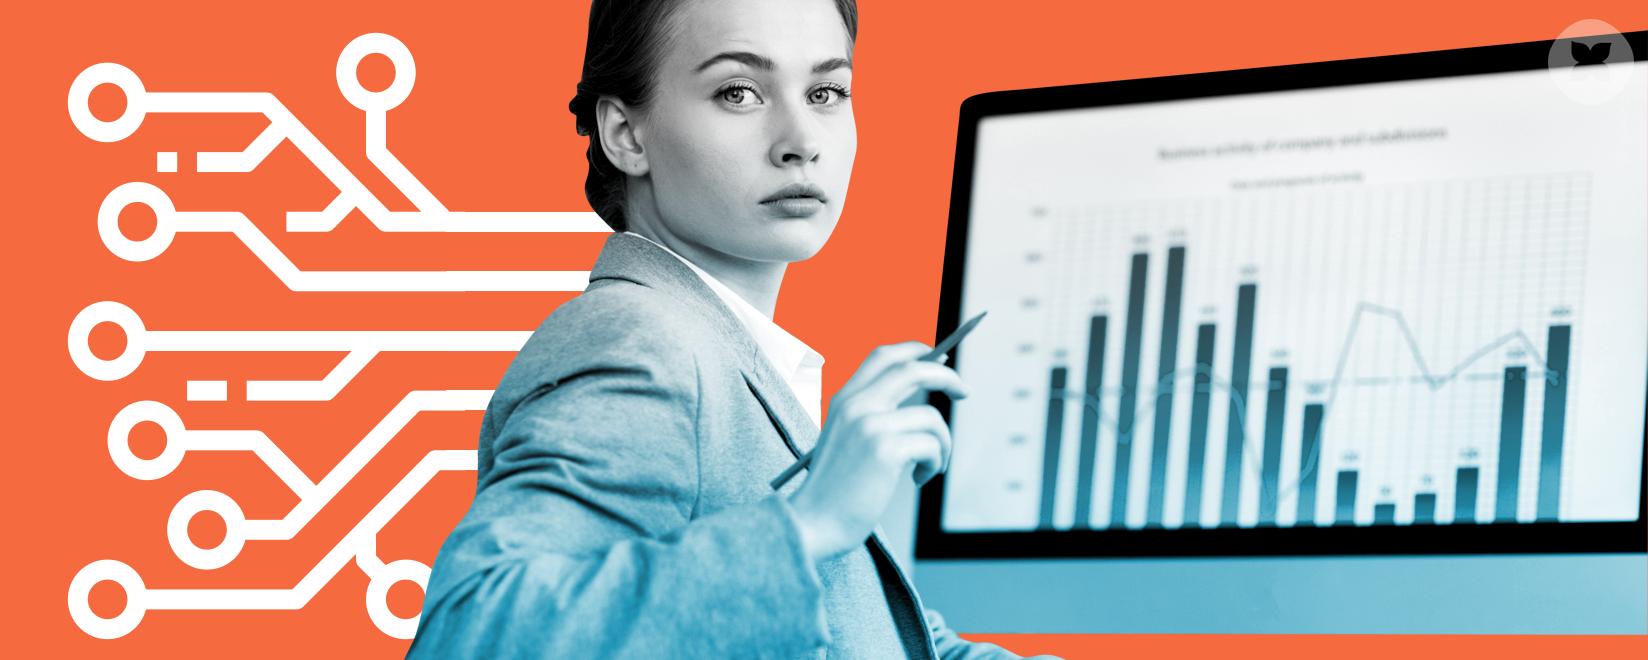 HR-автоматизация снижает затраты и оптимизирует вашу компанию